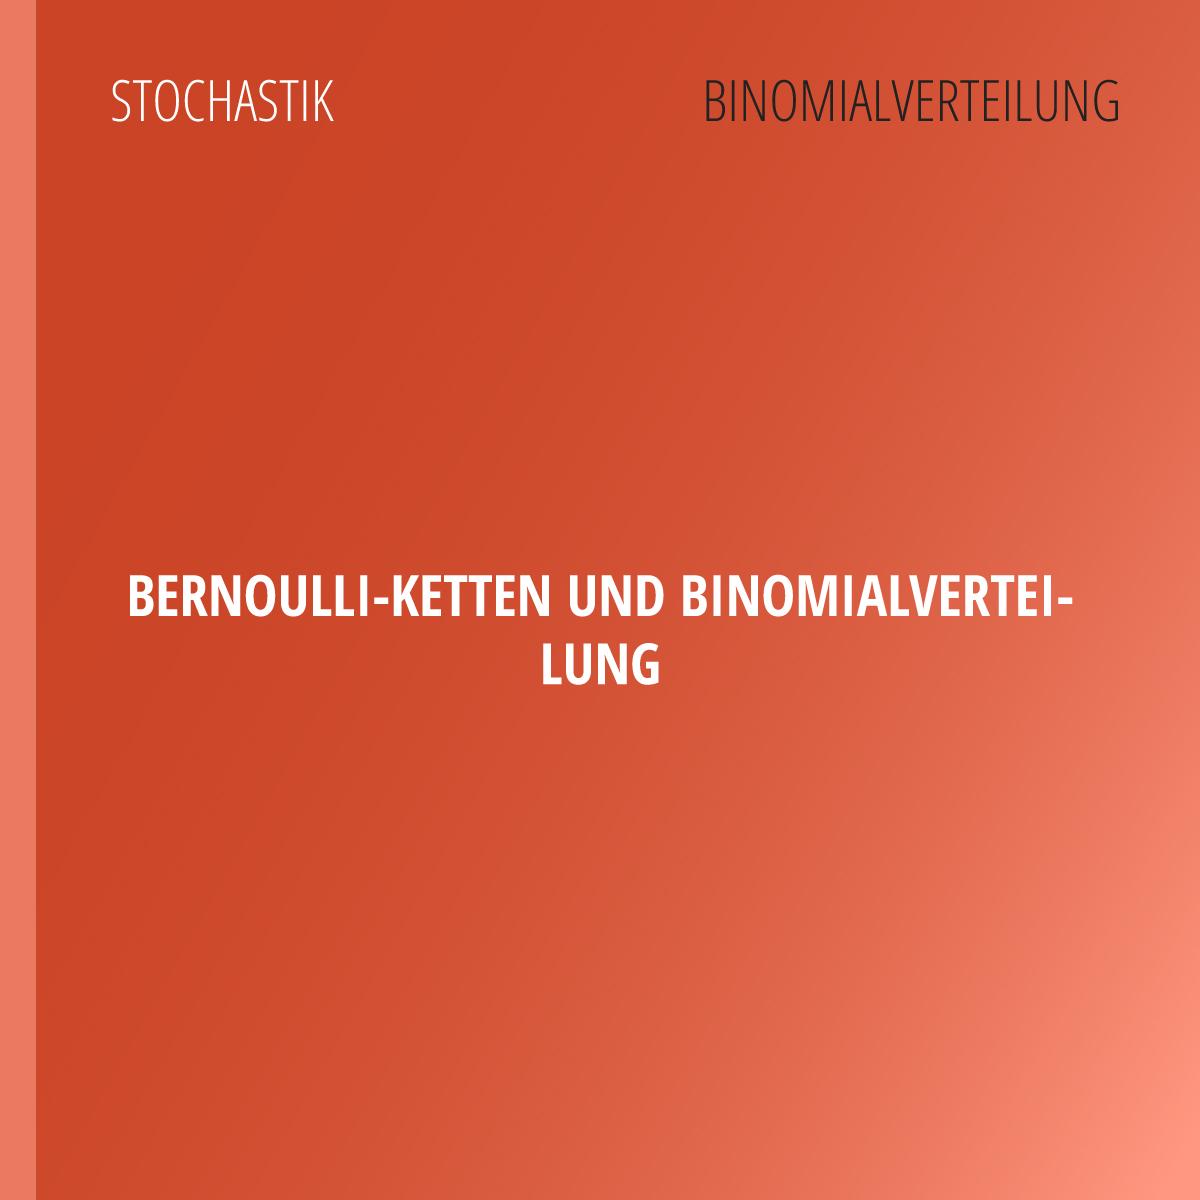 Bernoulli-Ketten und Binomialverteilung | abiturma